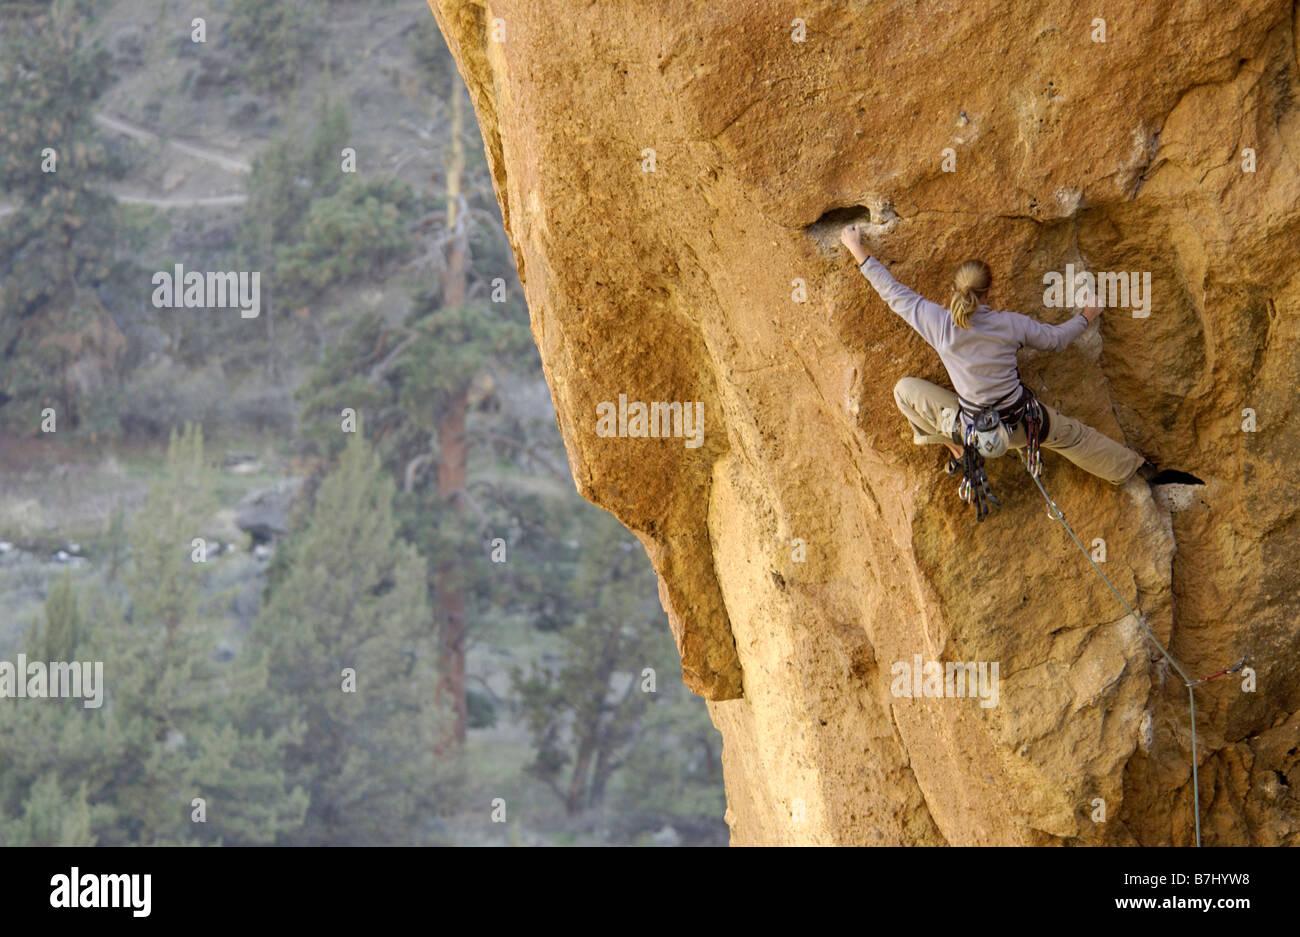 Donna (20-25) per arrampicata su roccia Smith Rock State Park, Oregon, Stati Uniti d'America Immagini Stock